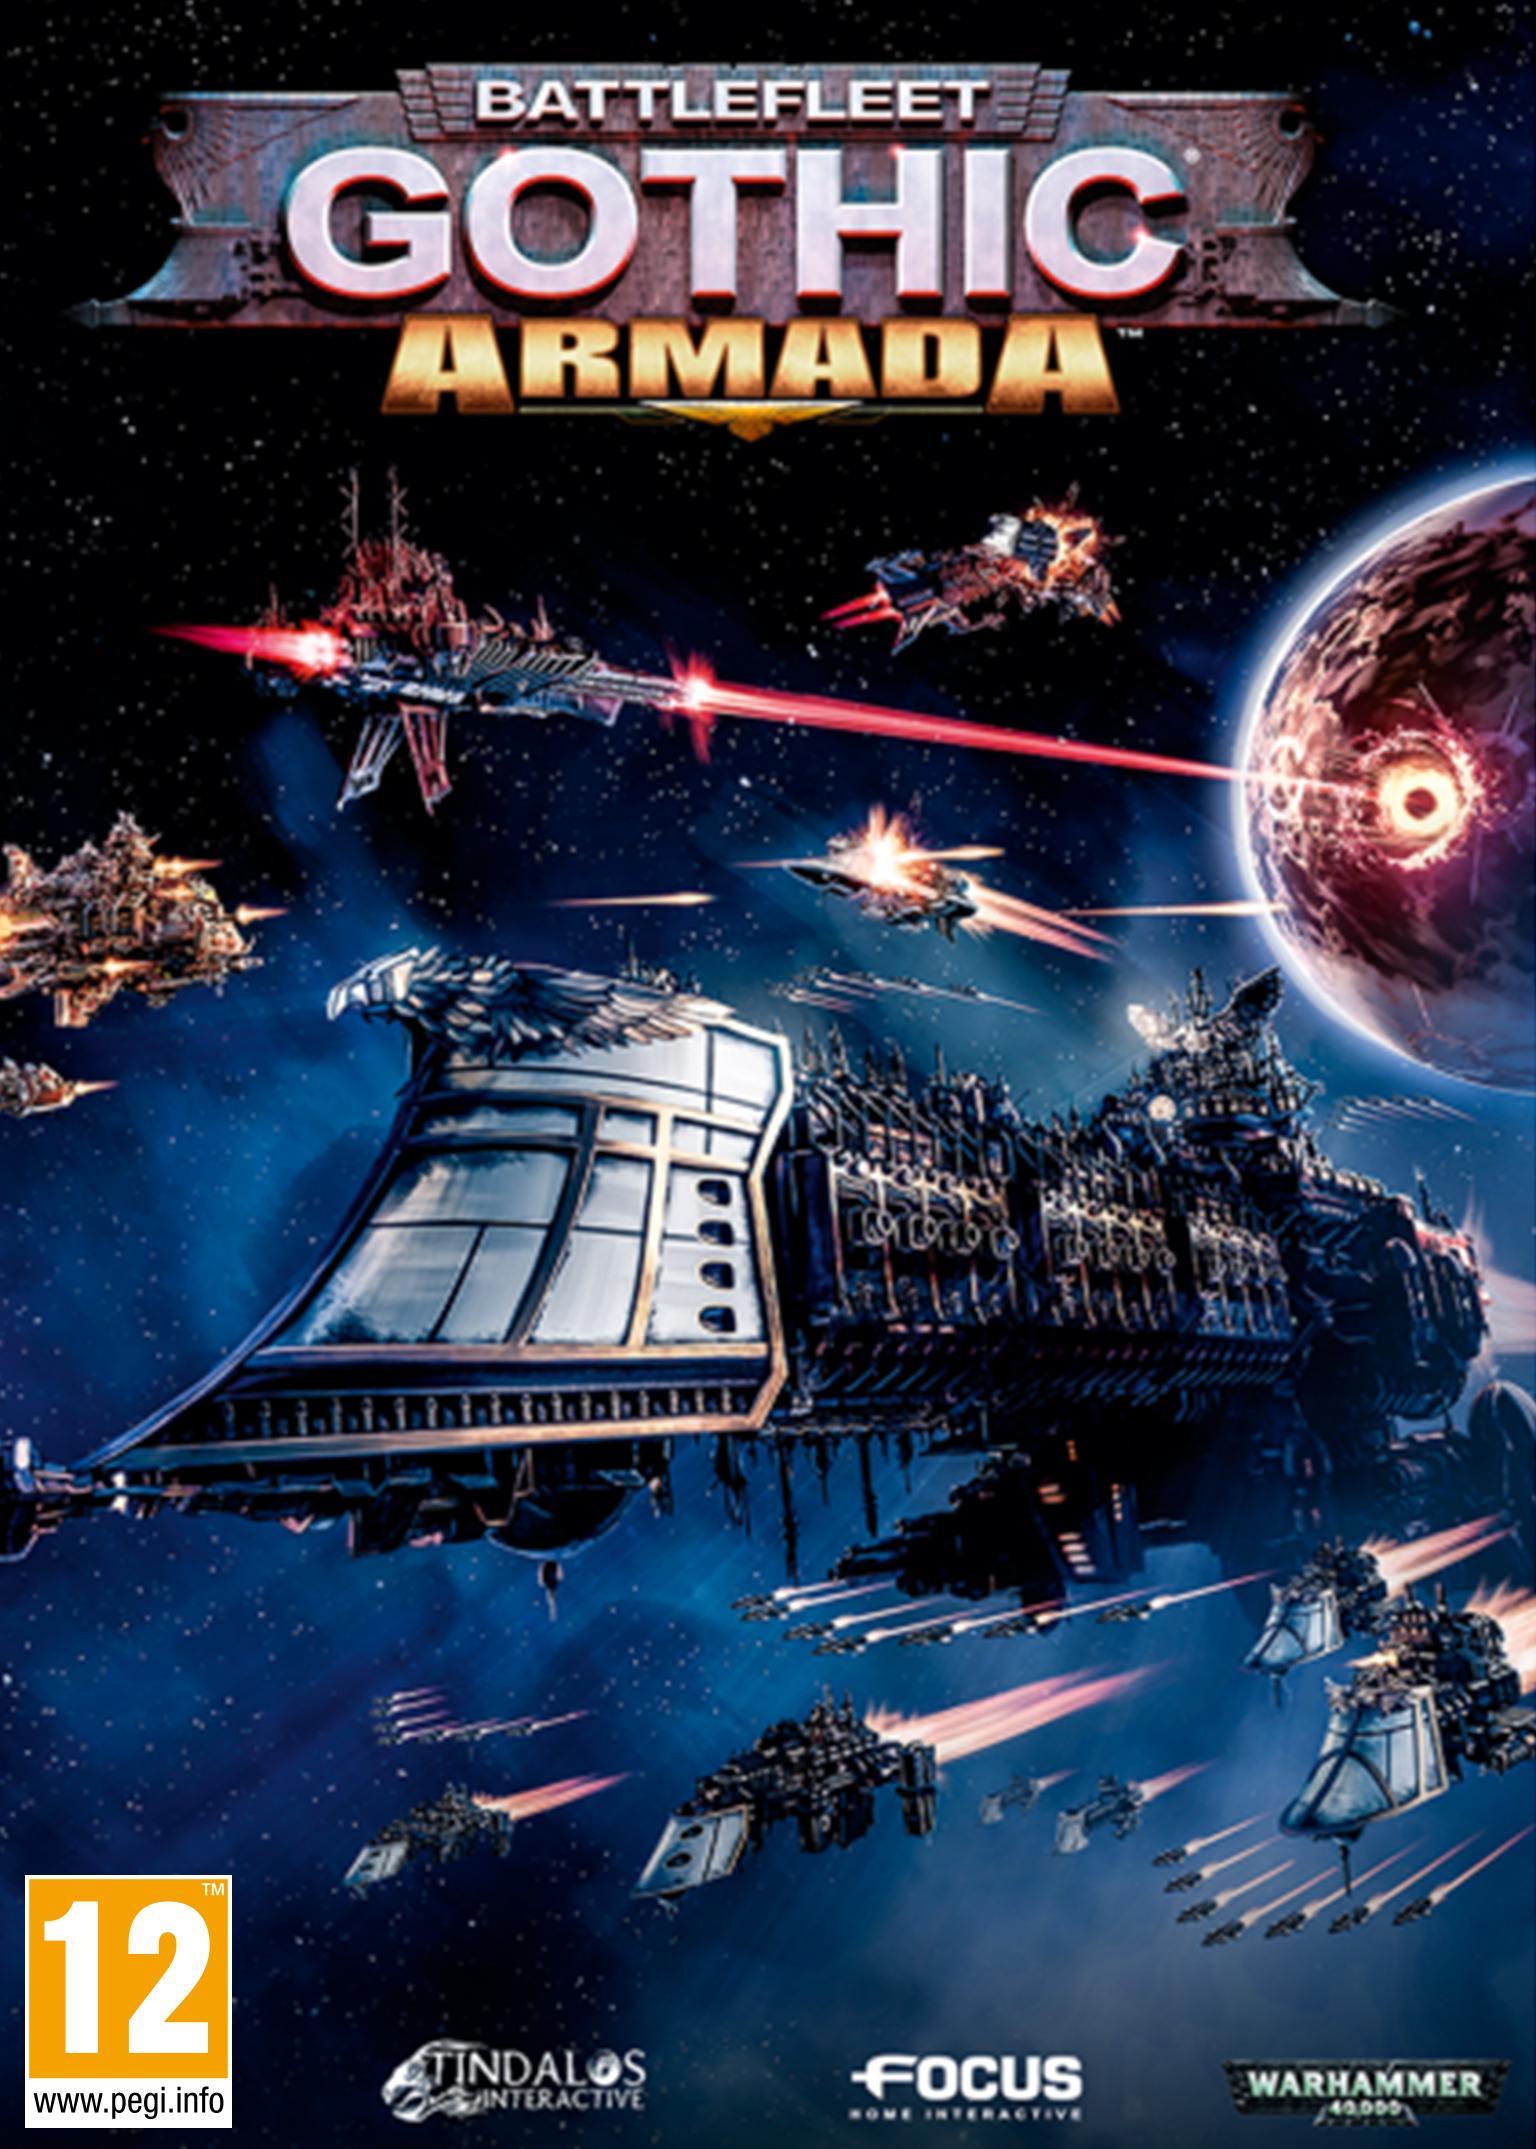 Battlefleet Gothic Armada PC DVD - Wirtus.pl